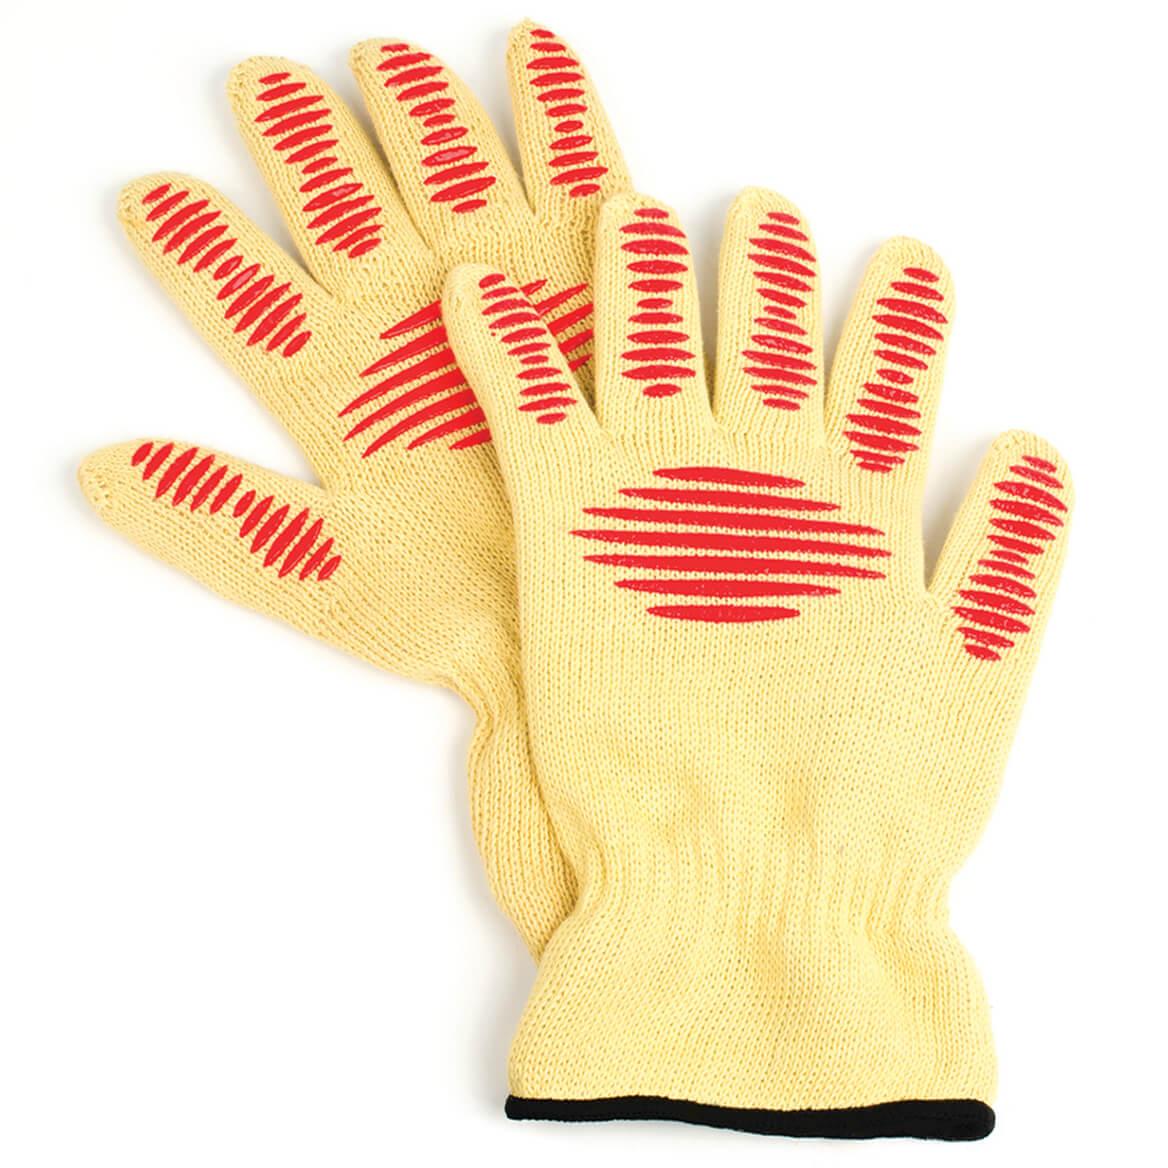 Kitchen Safety Gloves-369726